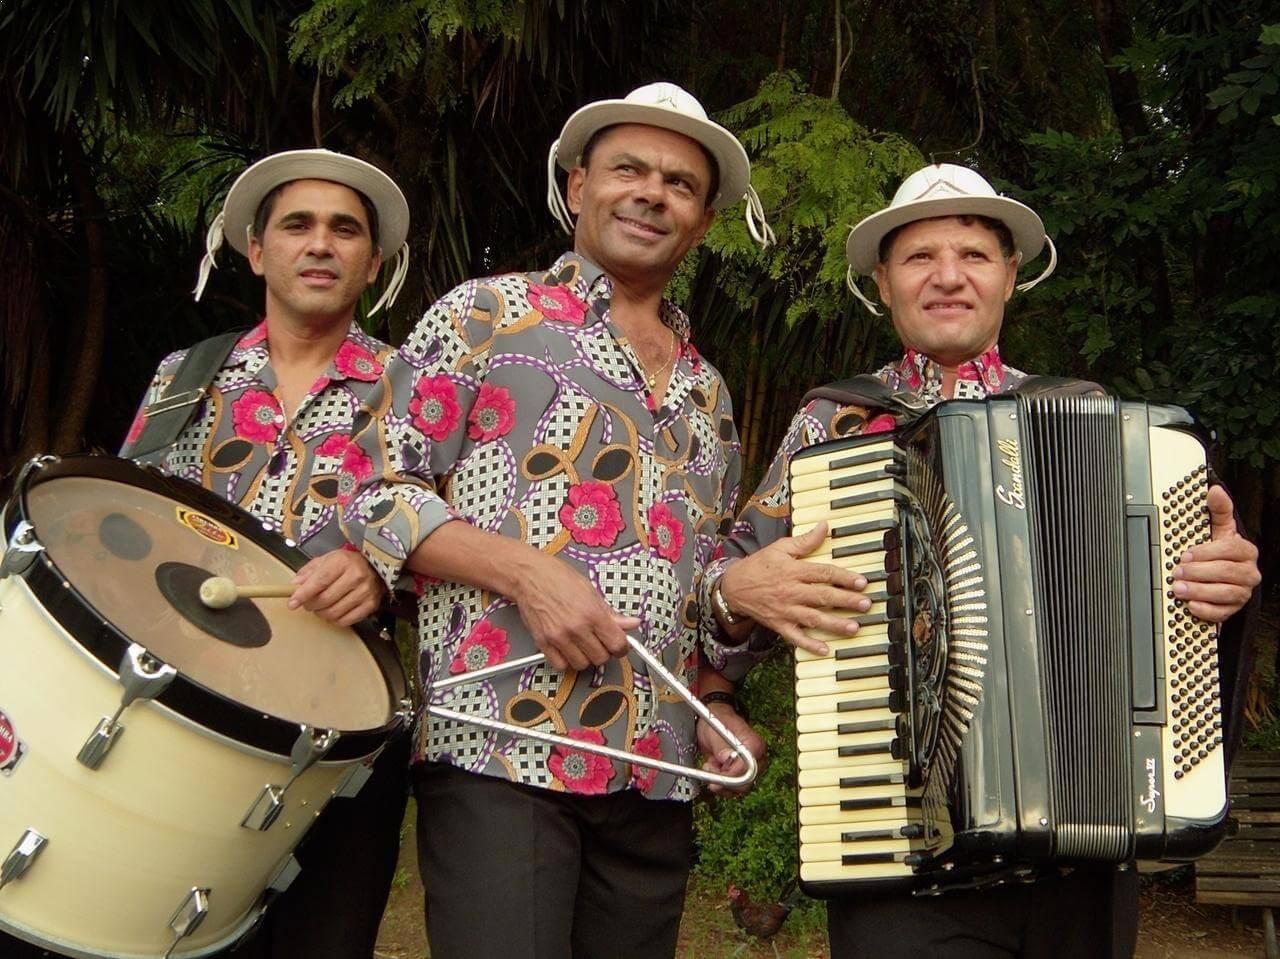 http://www.baressp.com.br/eventos/fotos2/triosabia_cantodaema.jpg